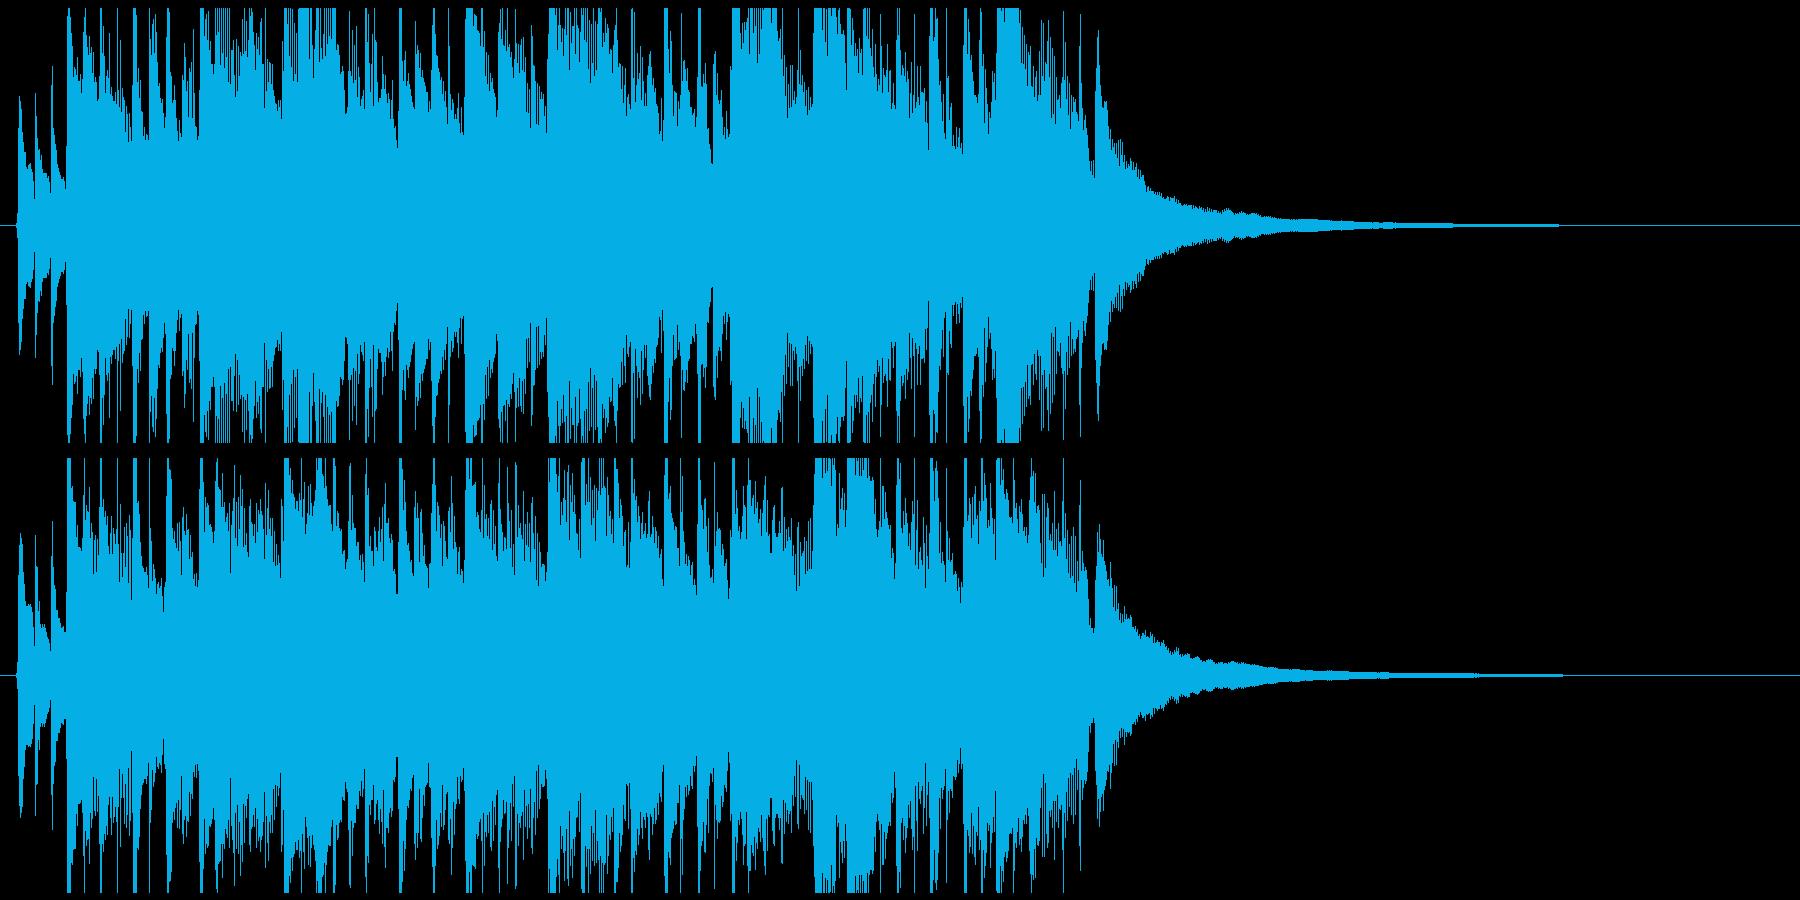 アコギを使った爽やかなジングルの再生済みの波形